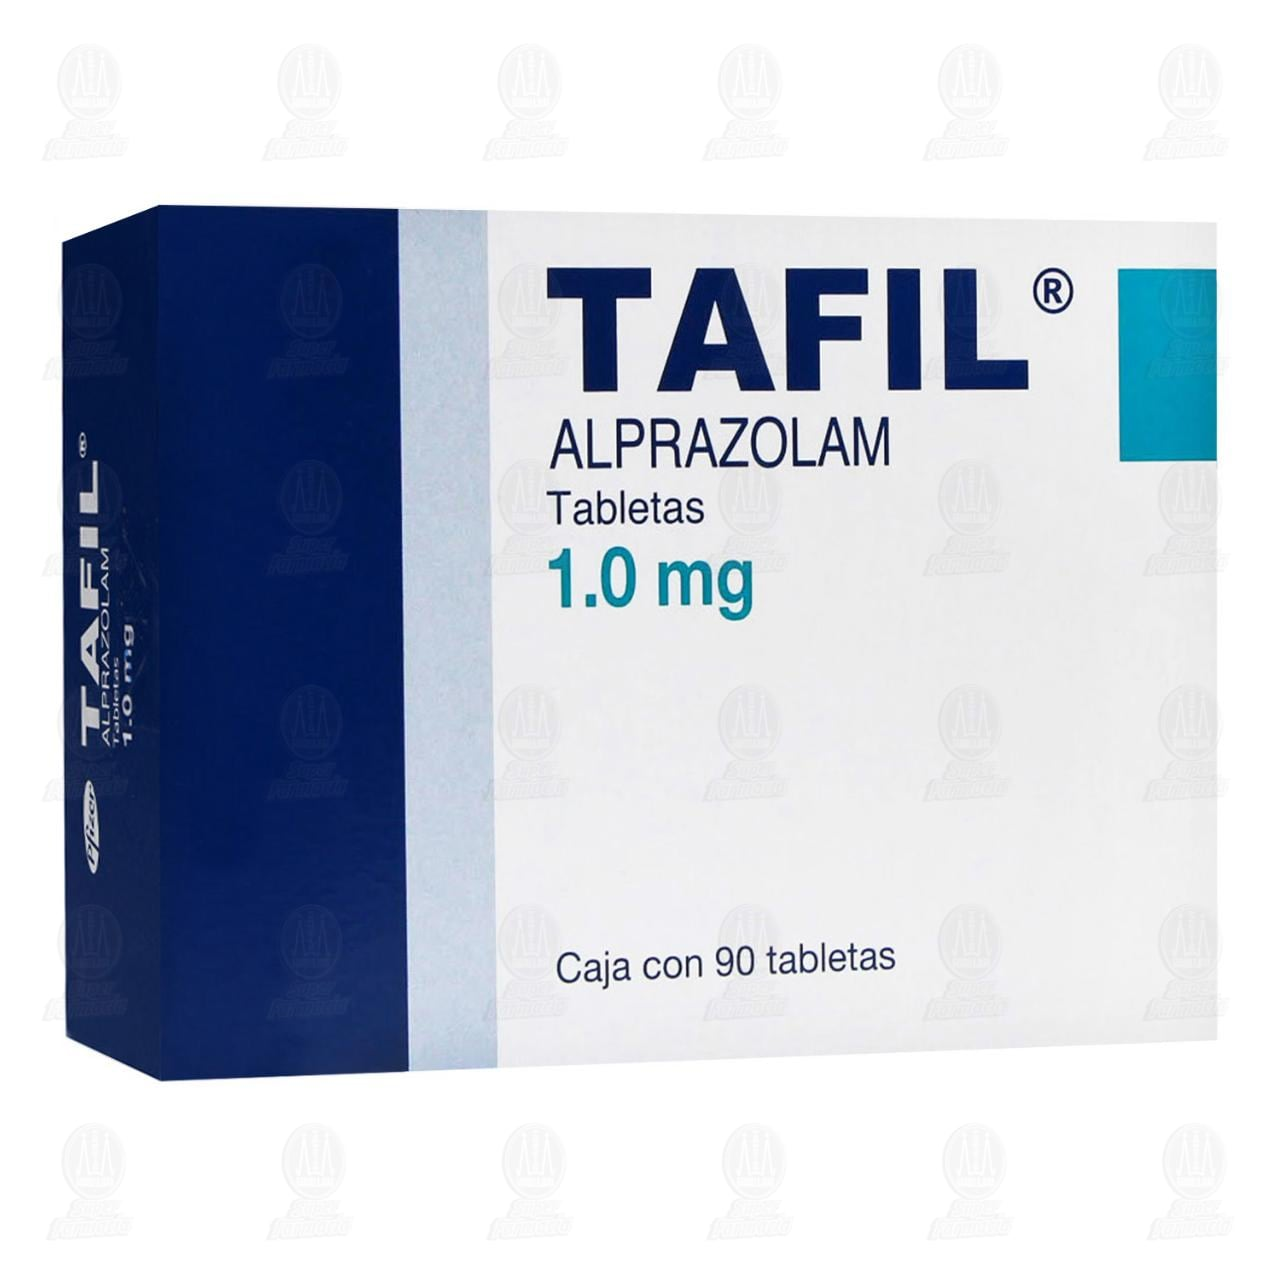 Tafil 1.0mg 90 Tabletas